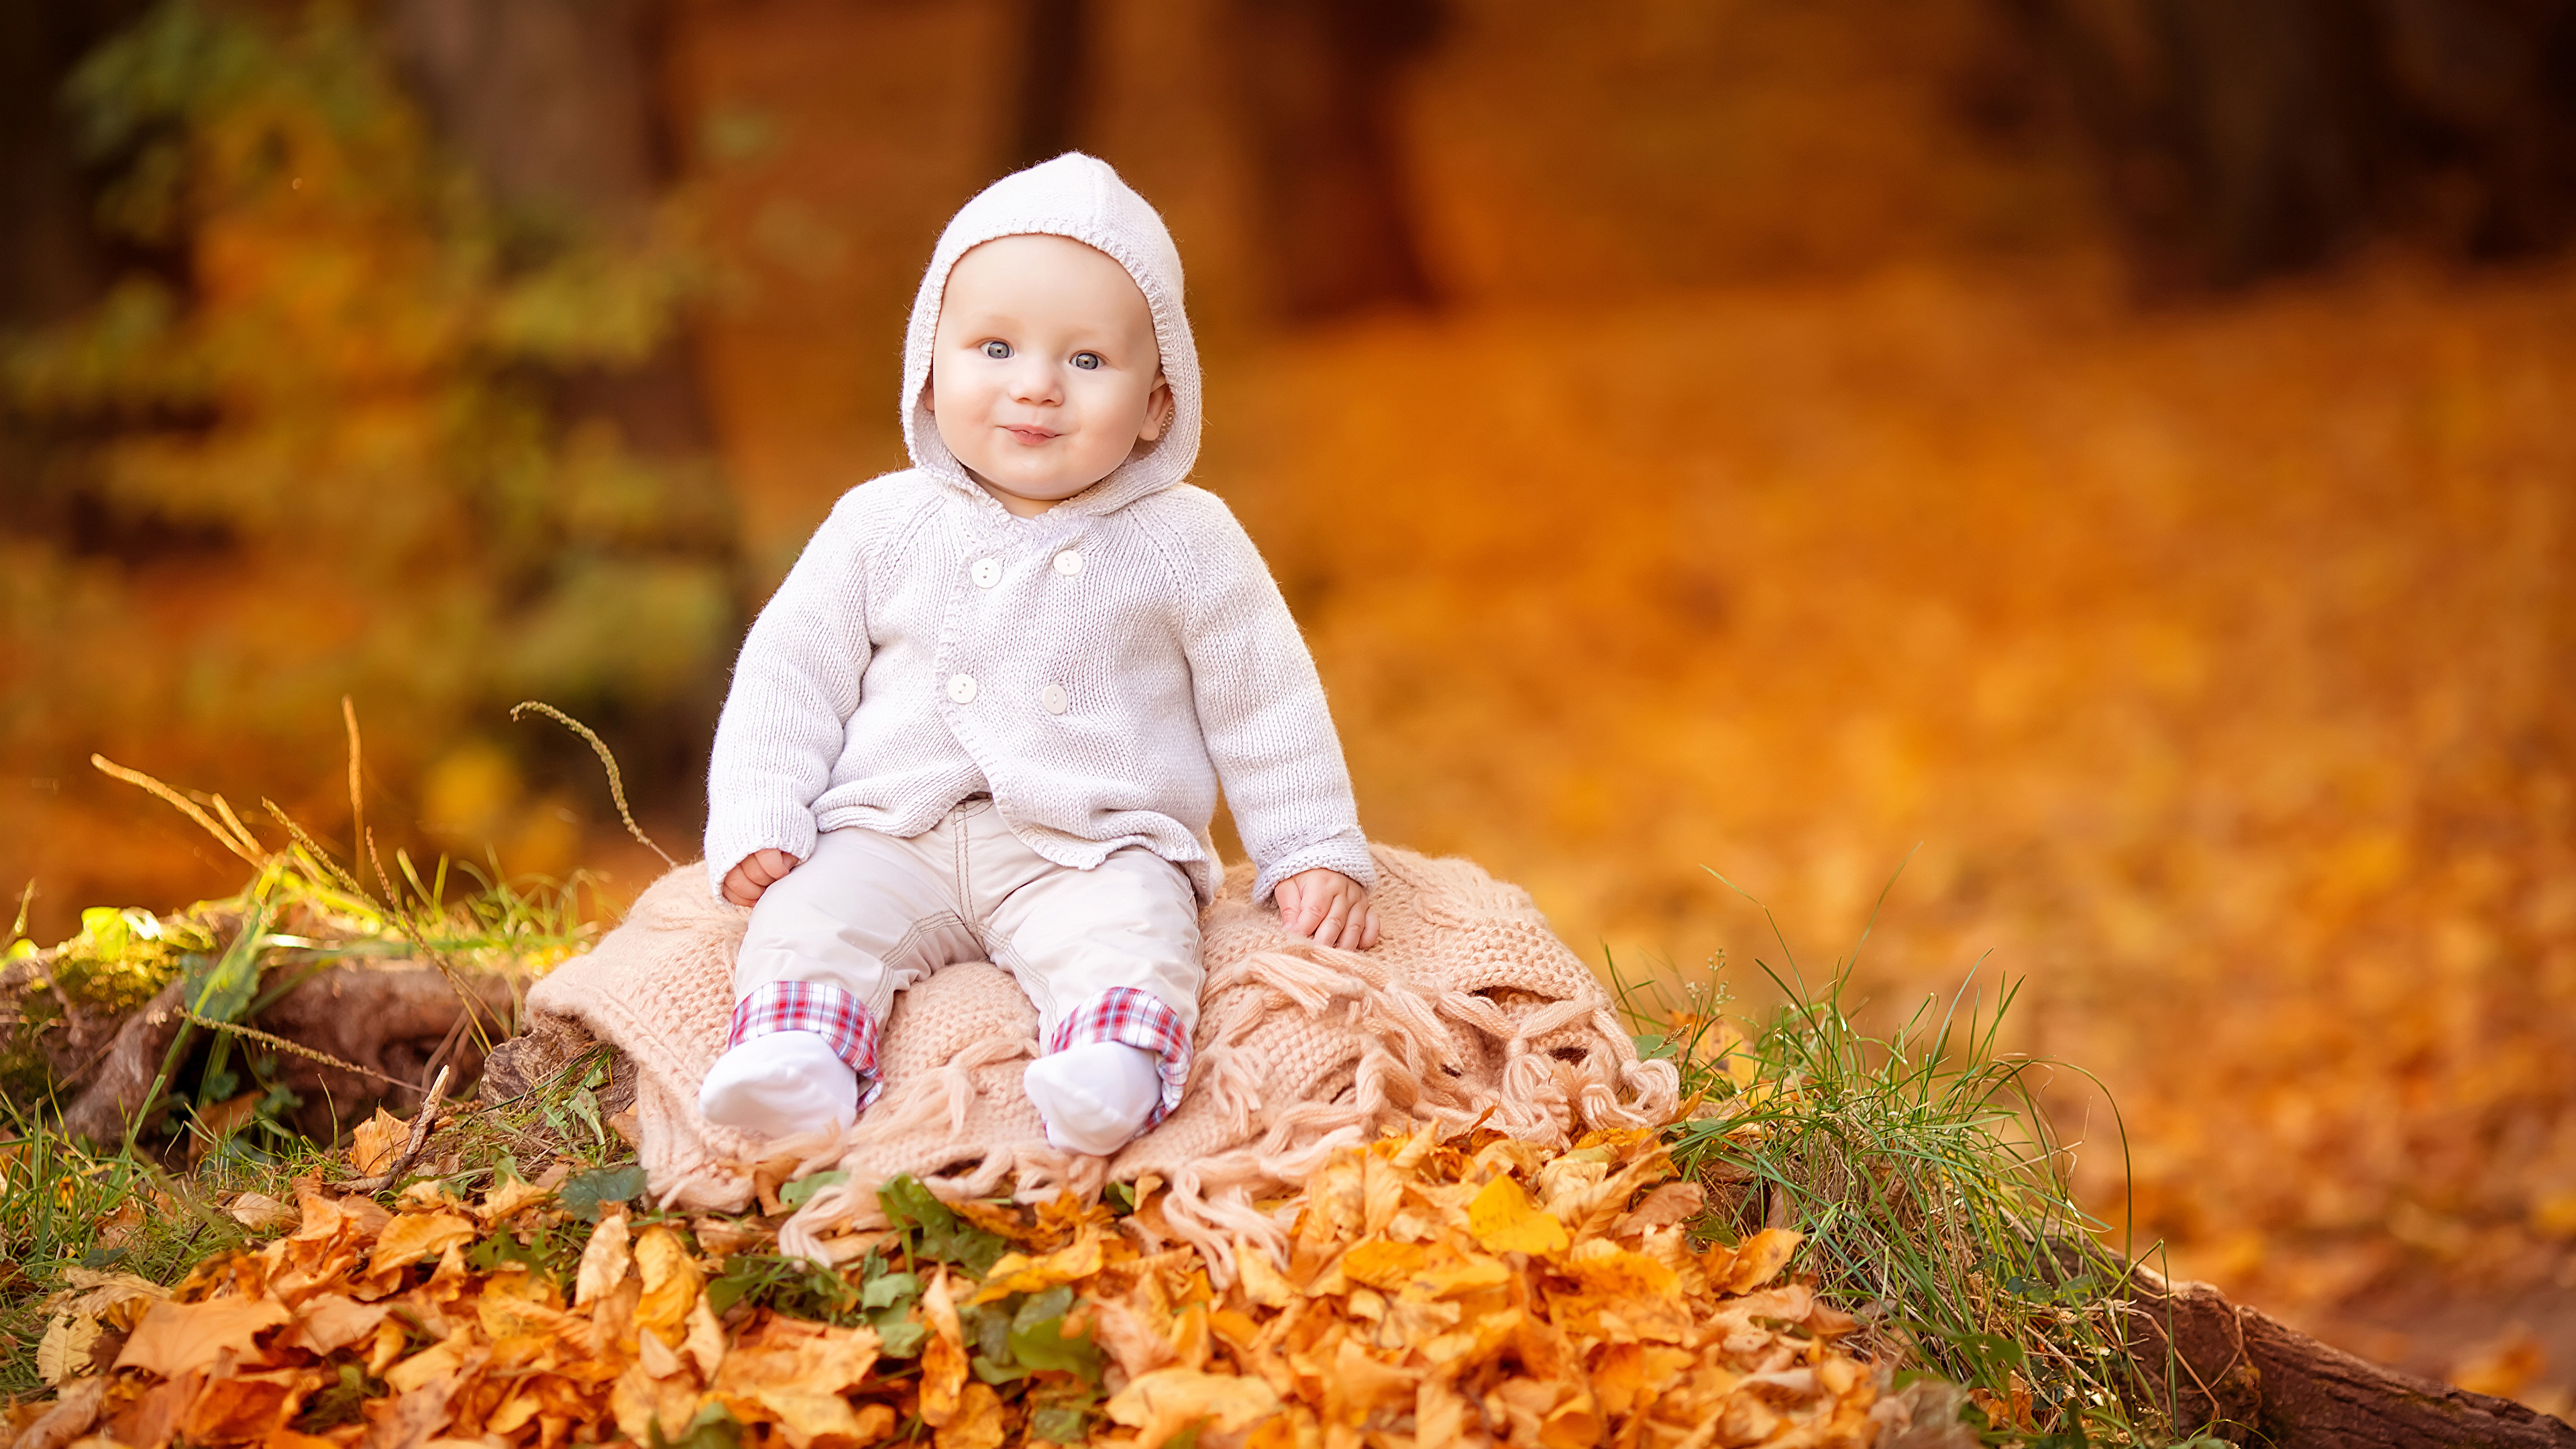 Картинки младенец Улыбка Дети Осень смотрит 3840x2160 младенца Младенцы грудной ребёнок улыбается ребёнок осенние Взгляд смотрят